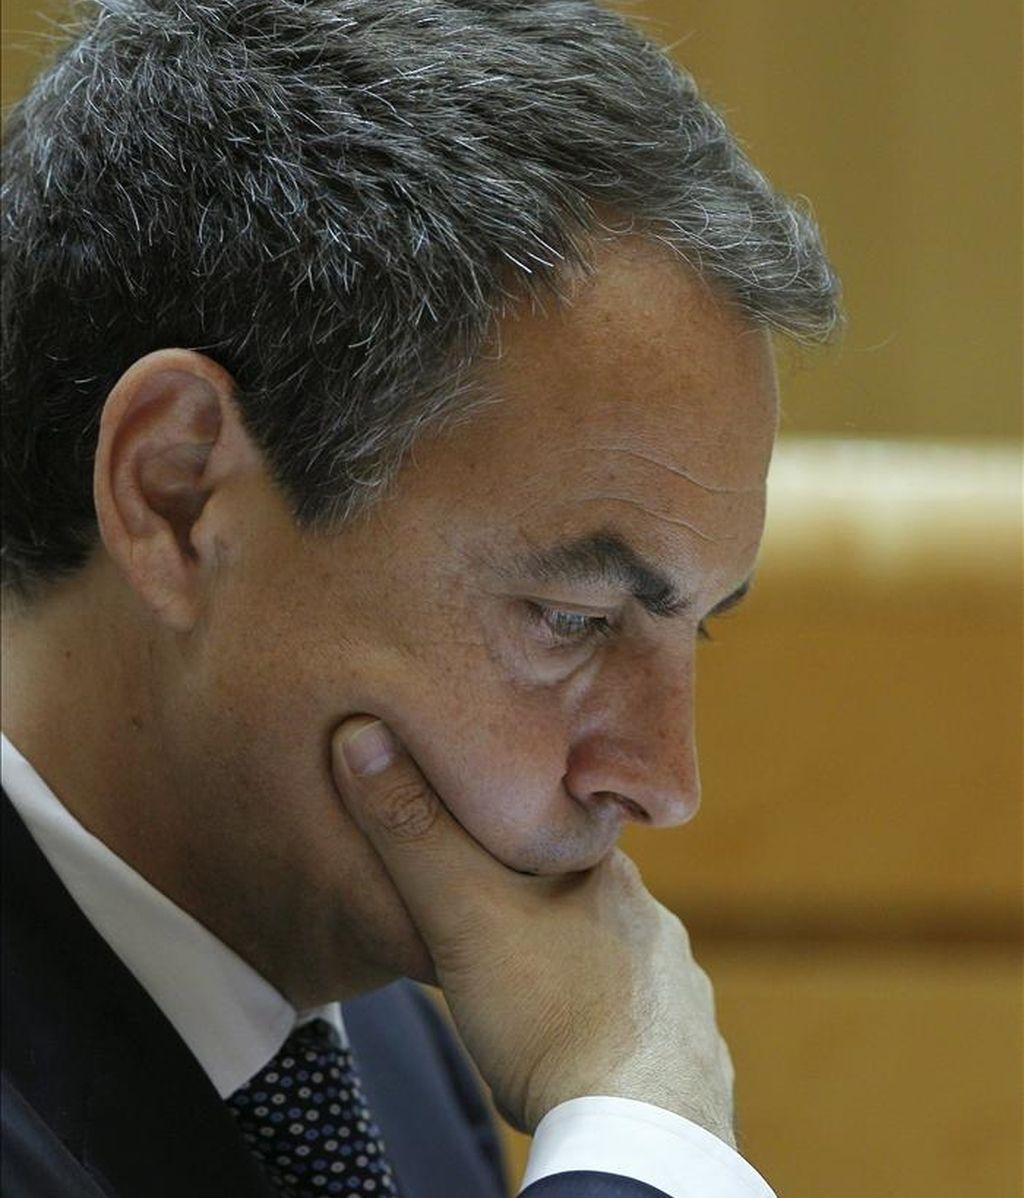 El presidente del Gobierno, José Luis Rodríguez Zapatero, durante el pleno que se celebra esta tarde en el Senado. EFE